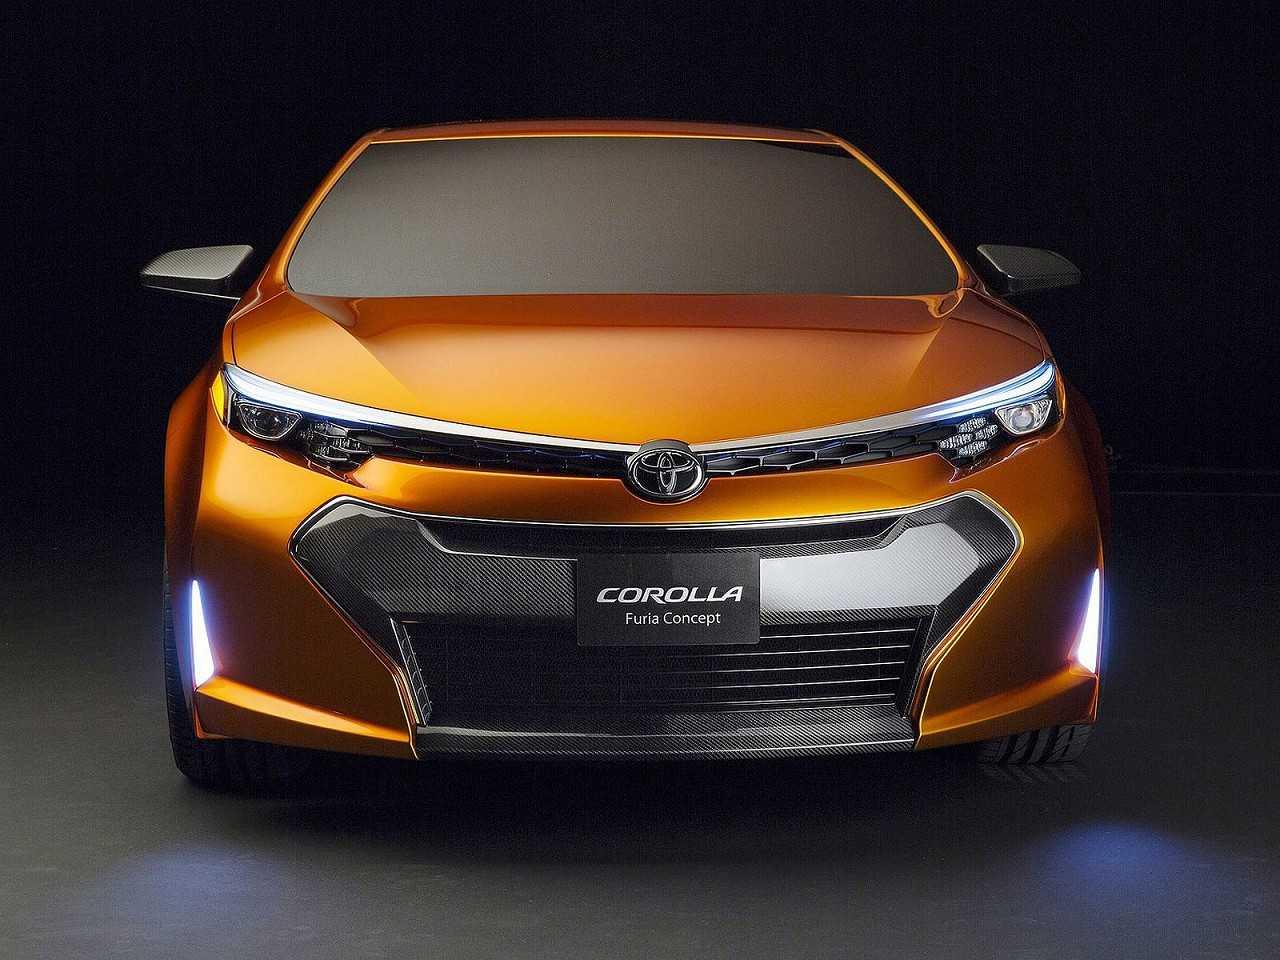 Toyota Corolla Furia Concept, protótipo que inspirou a geração lançada em 2014 no Brasil